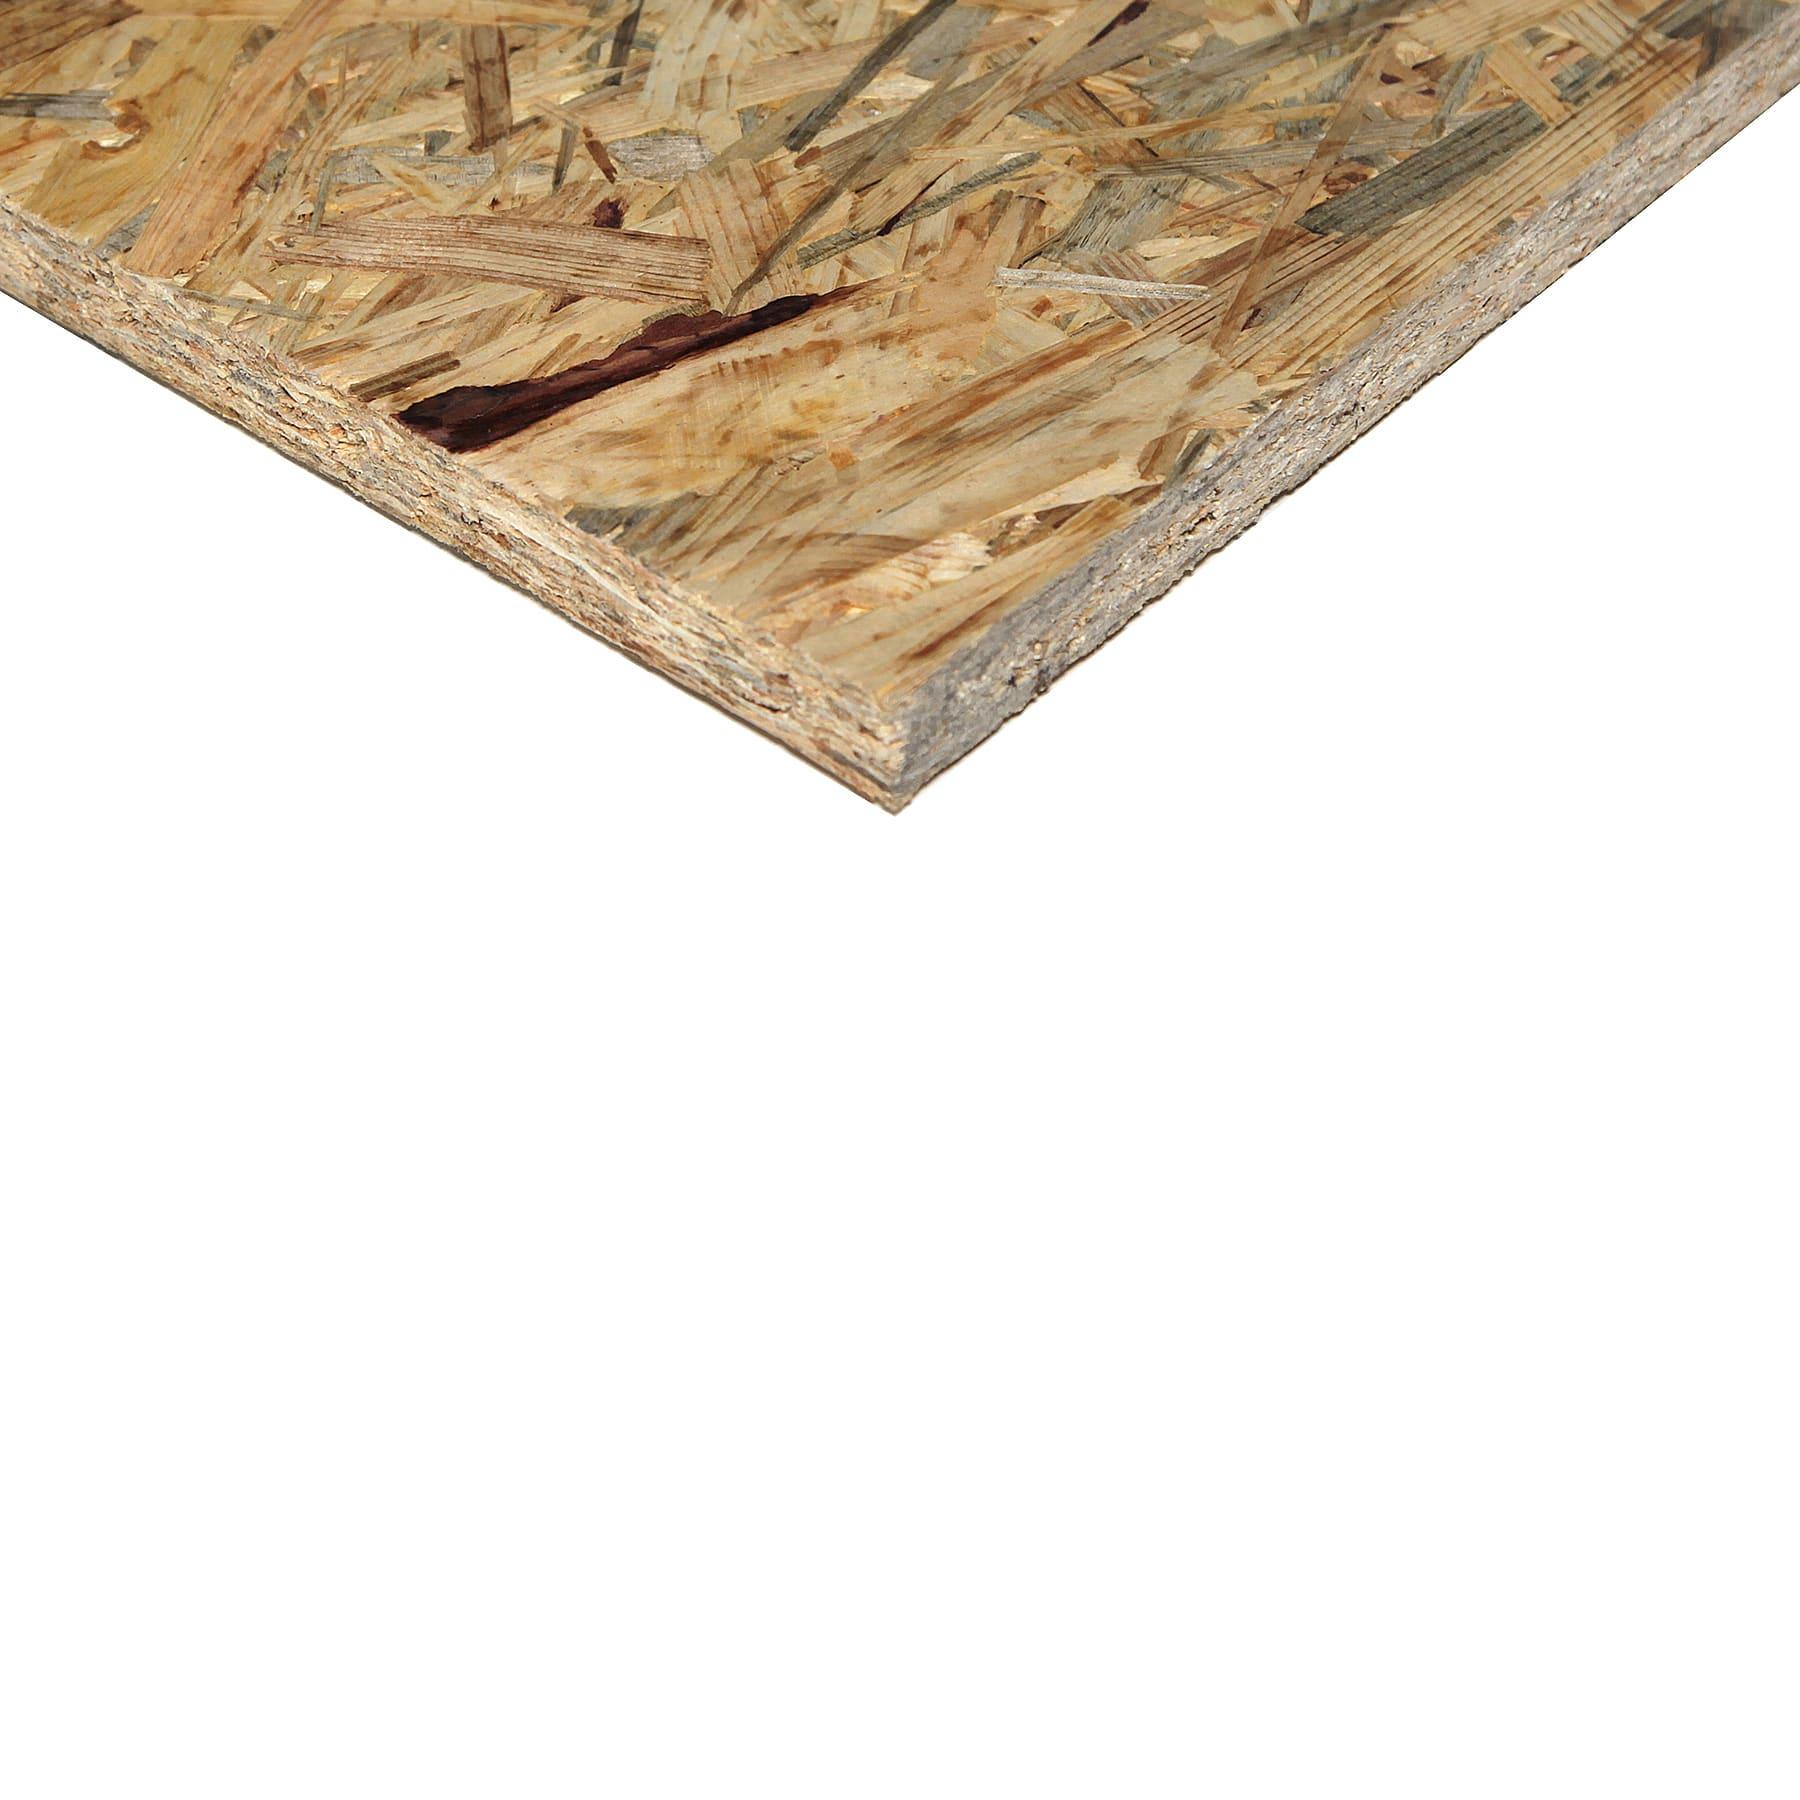 Pannelli Di Legno Osb pannello osb 3 l 250 x h 125 cm sp 18 mm